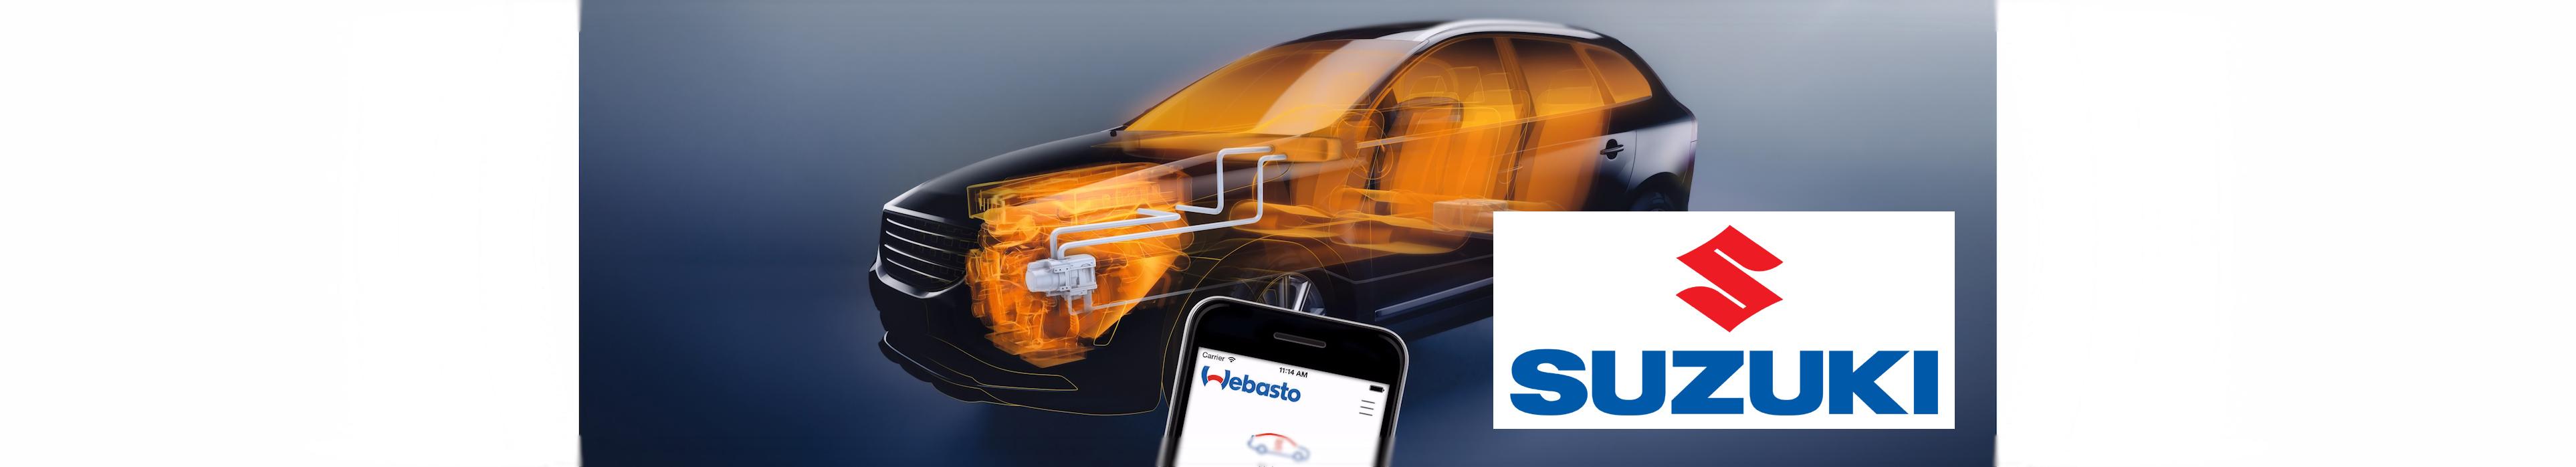 Wat kost een parkeerverwarming inbouwen bij Suzuki